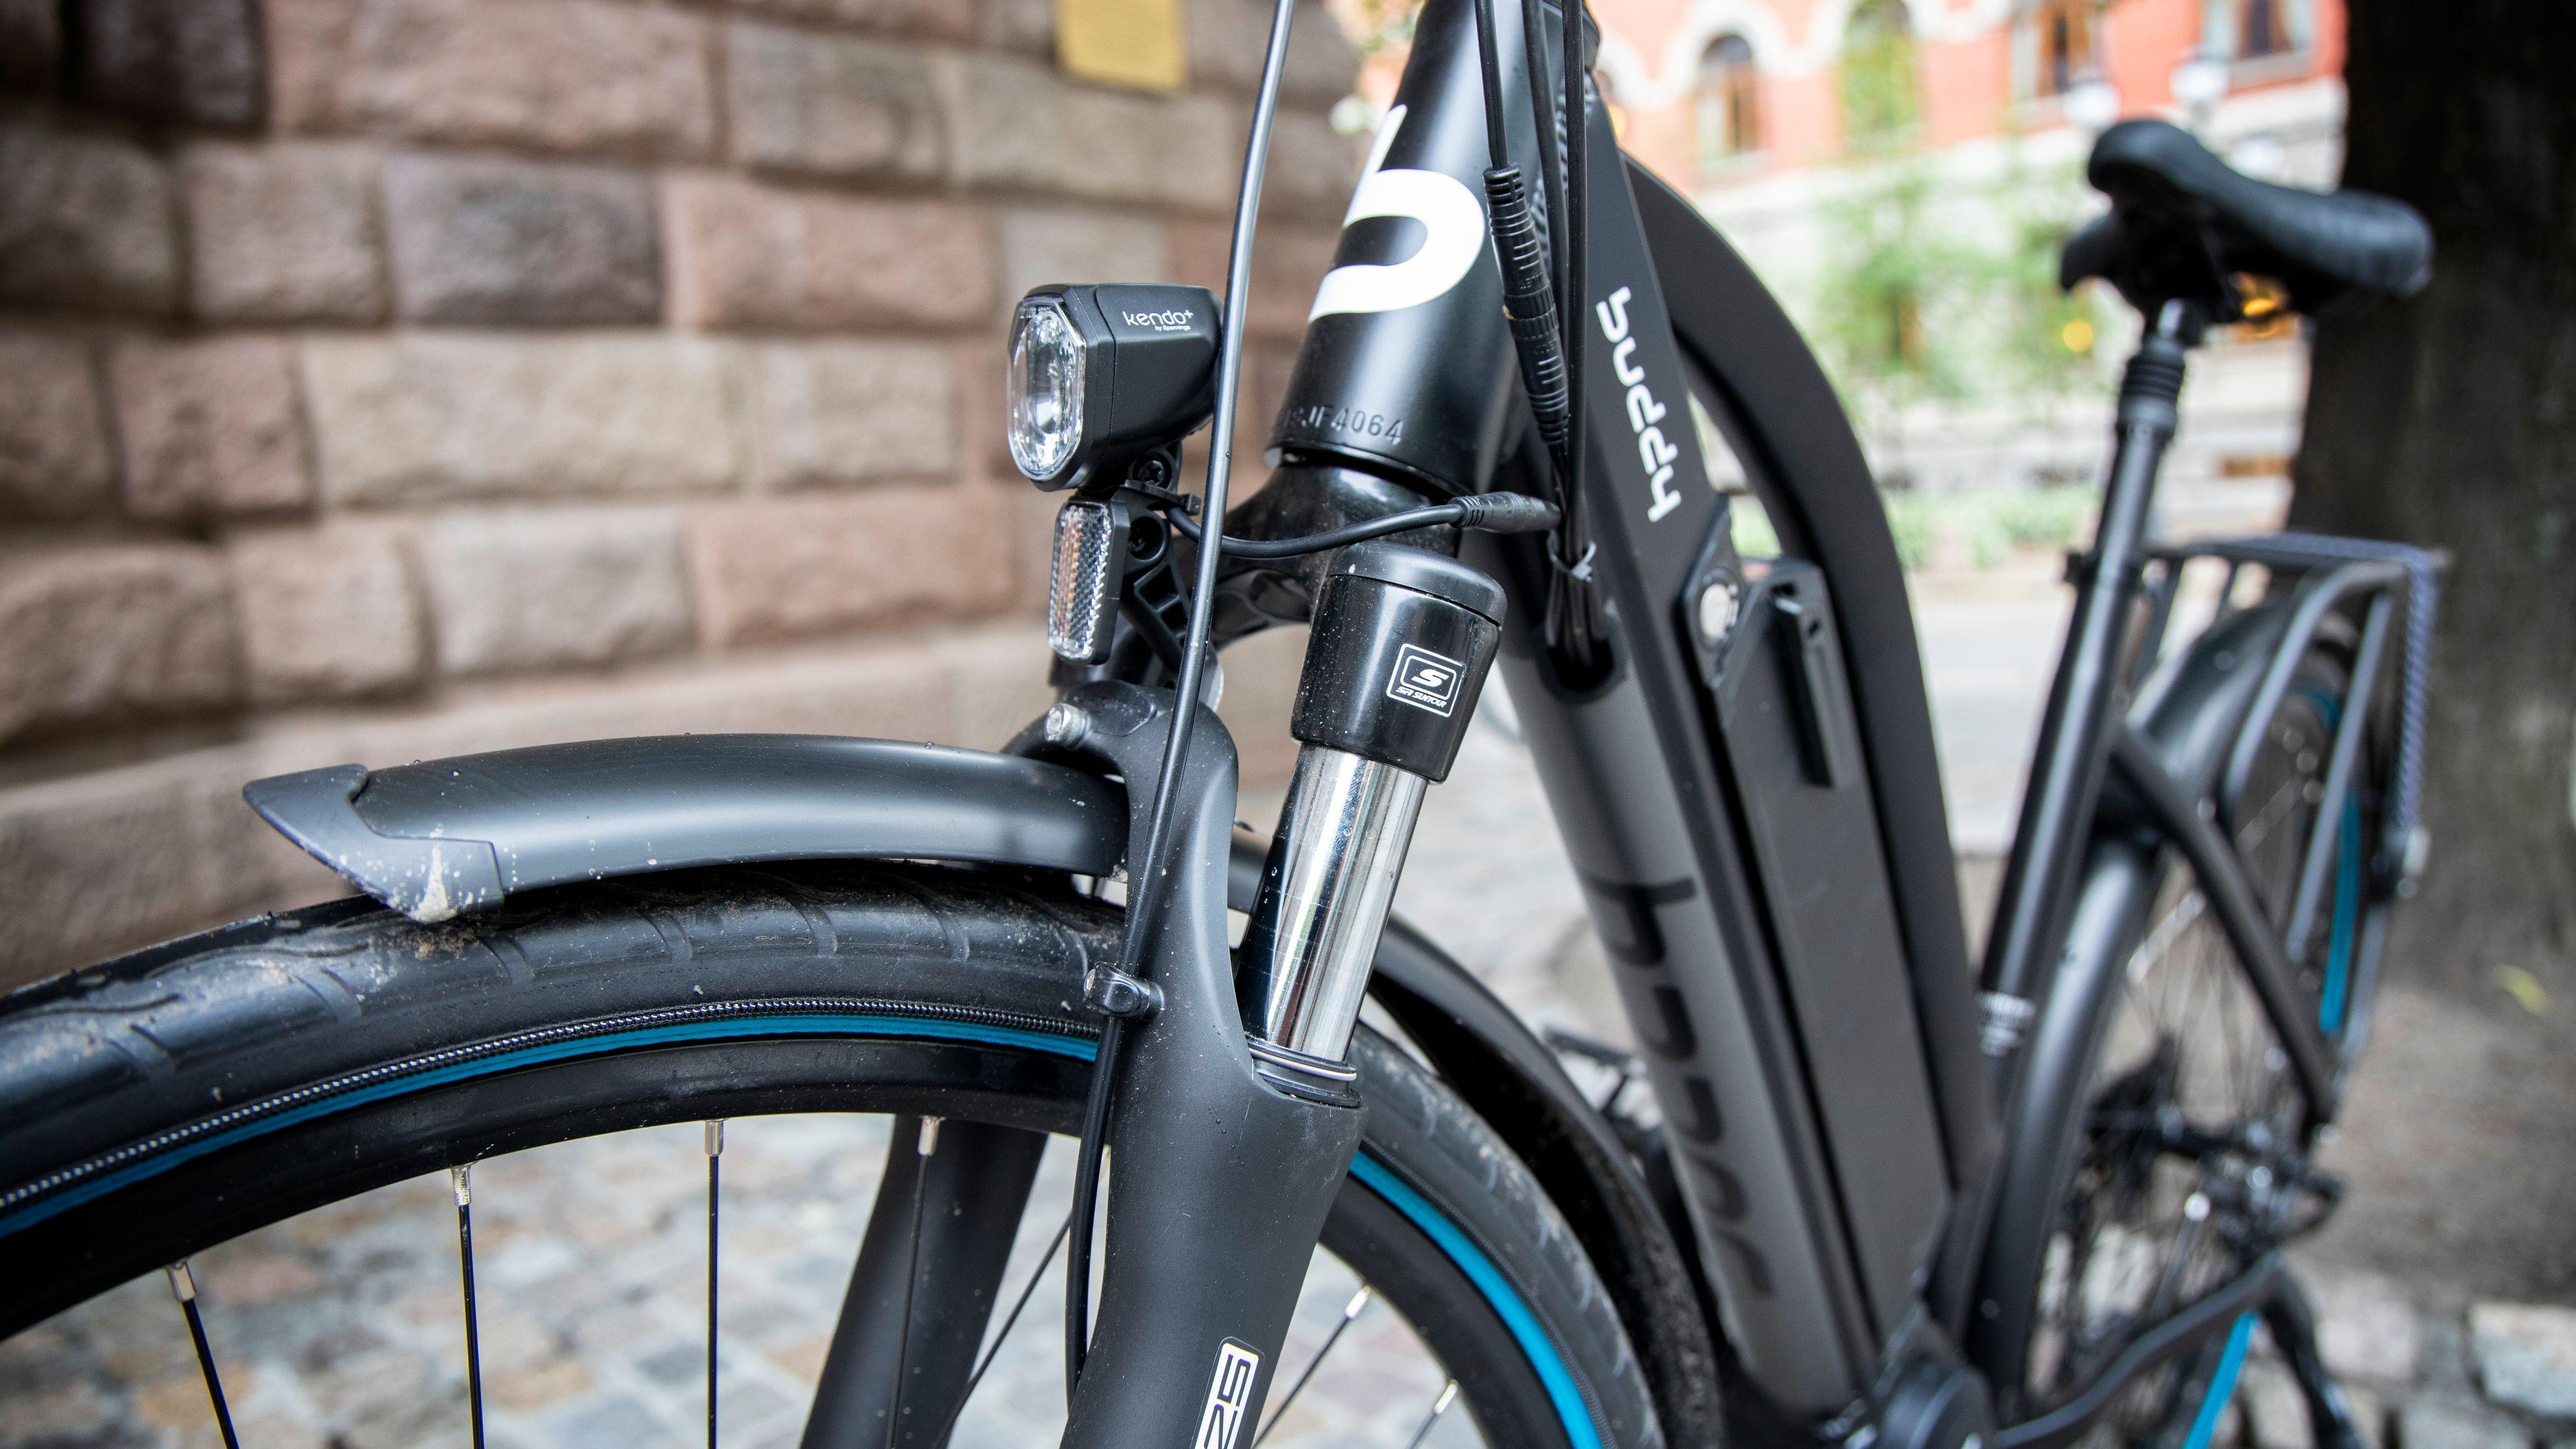 Buddy Bike C4 er blant syklene i testen som har demping foran.